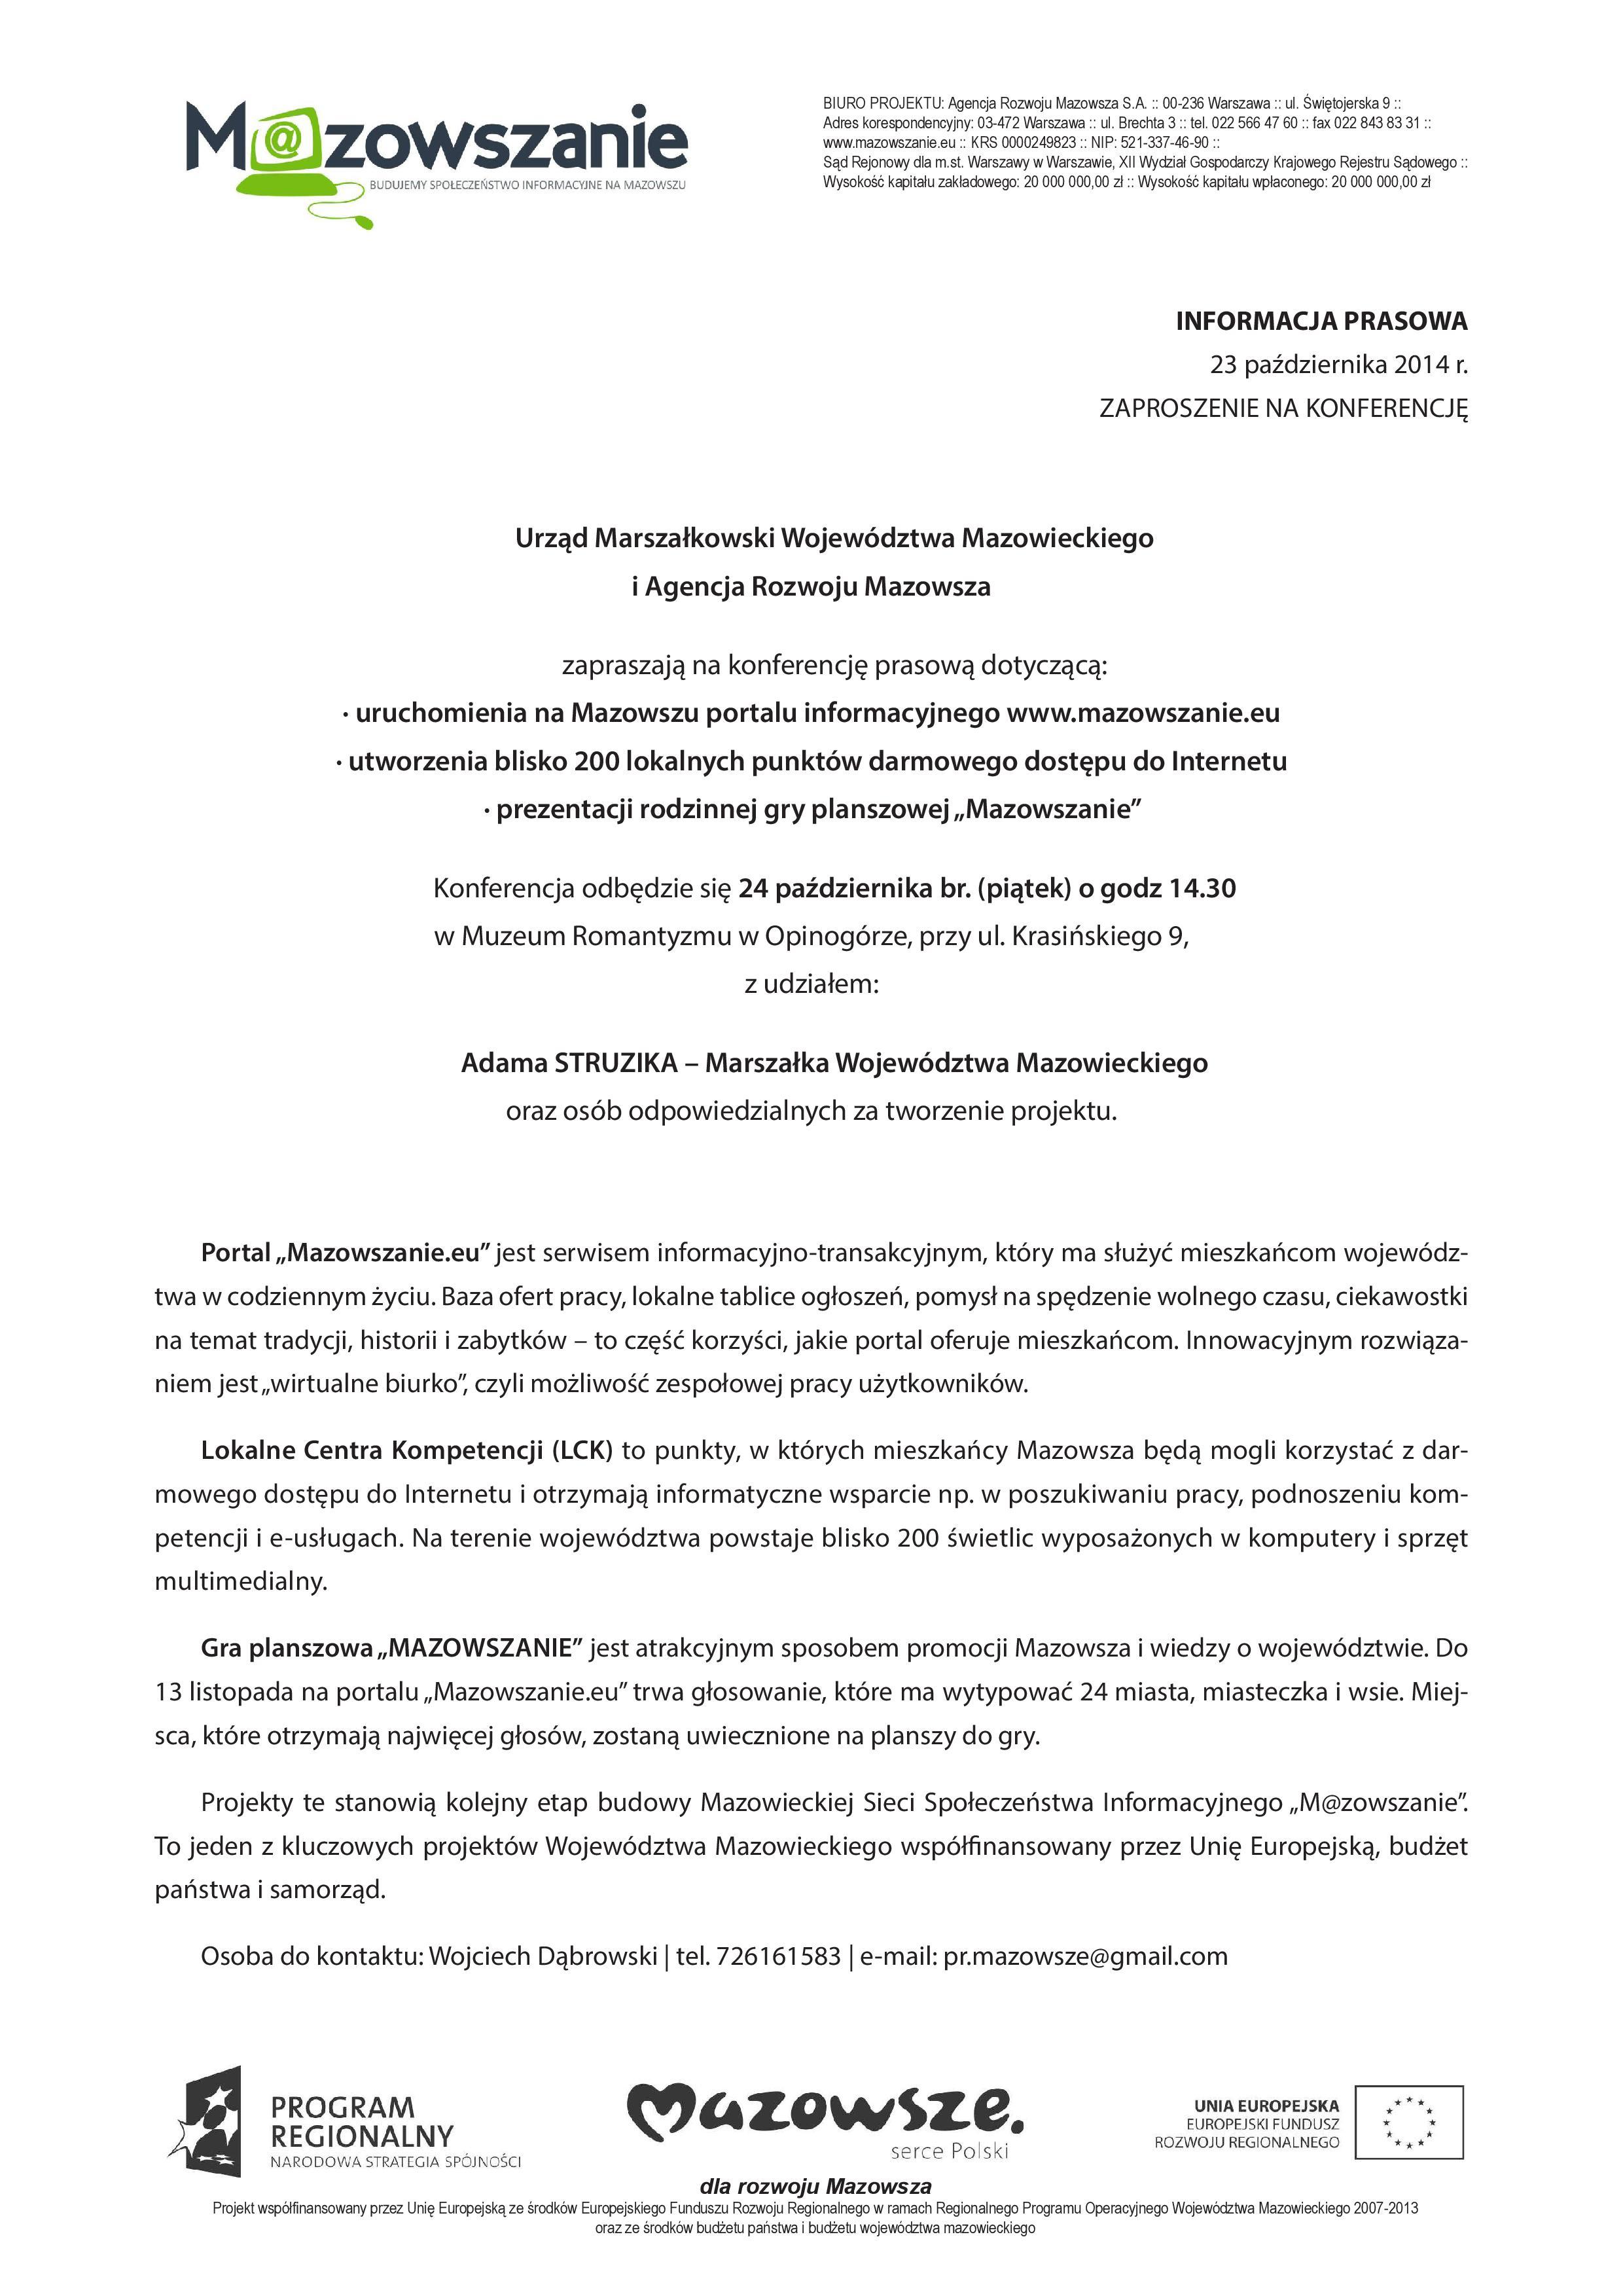 Konferencja-prasowa-marszałka-A.-Struzika-zaproszenie-page-001